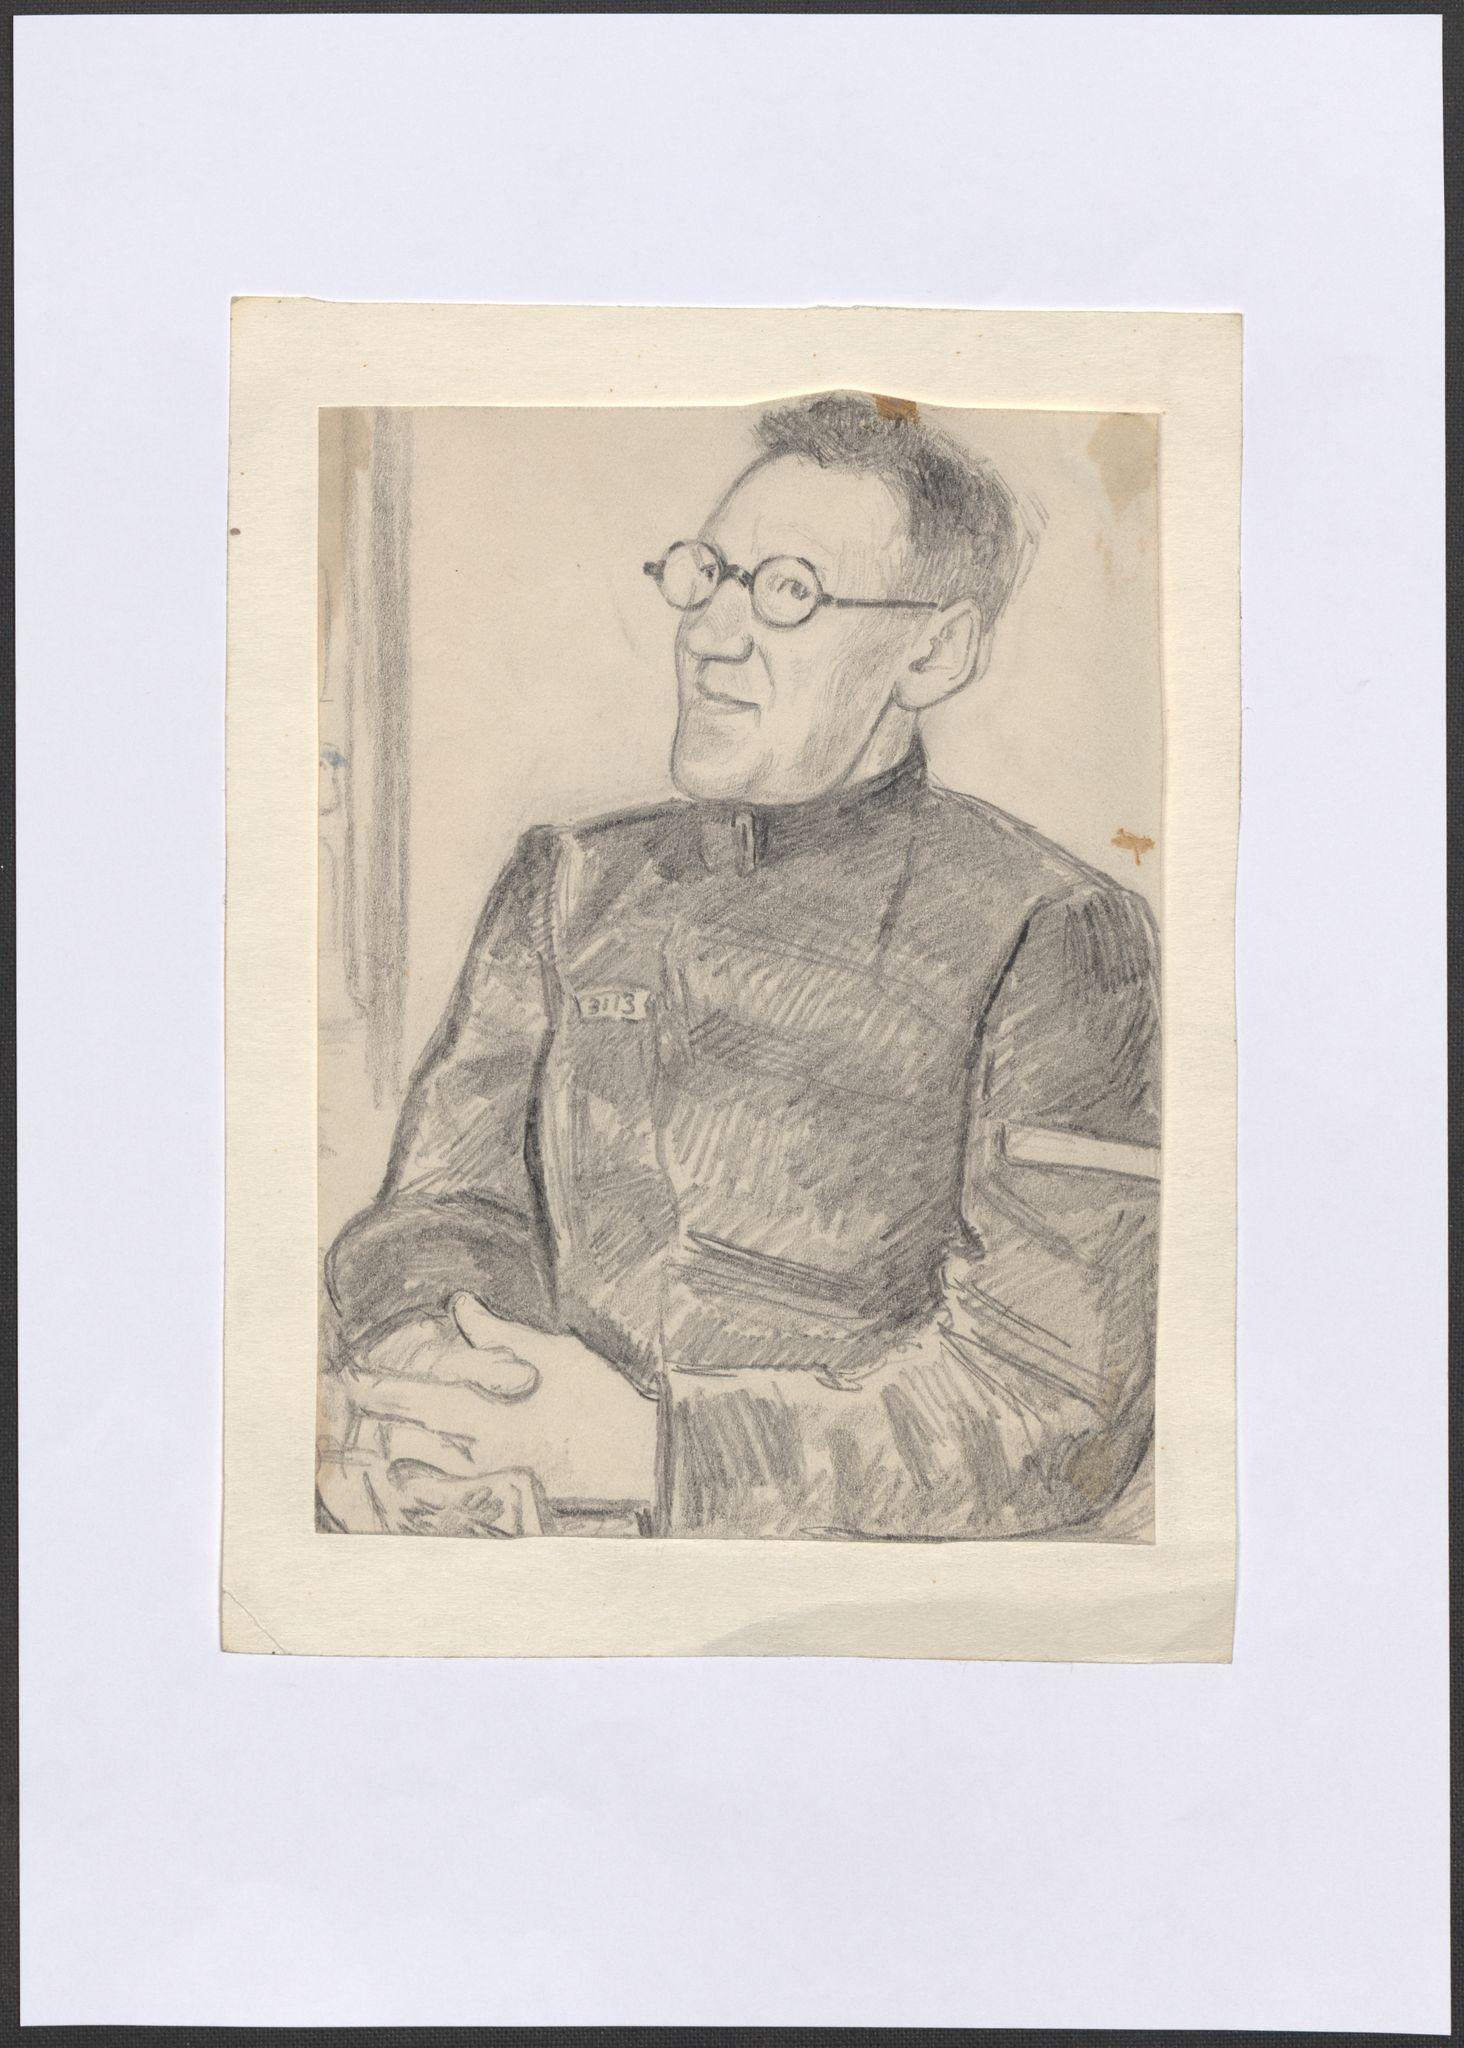 RA, Grøgaard, Joachim, F/L0002: Tegninger og tekster, 1942-1945, s. 46